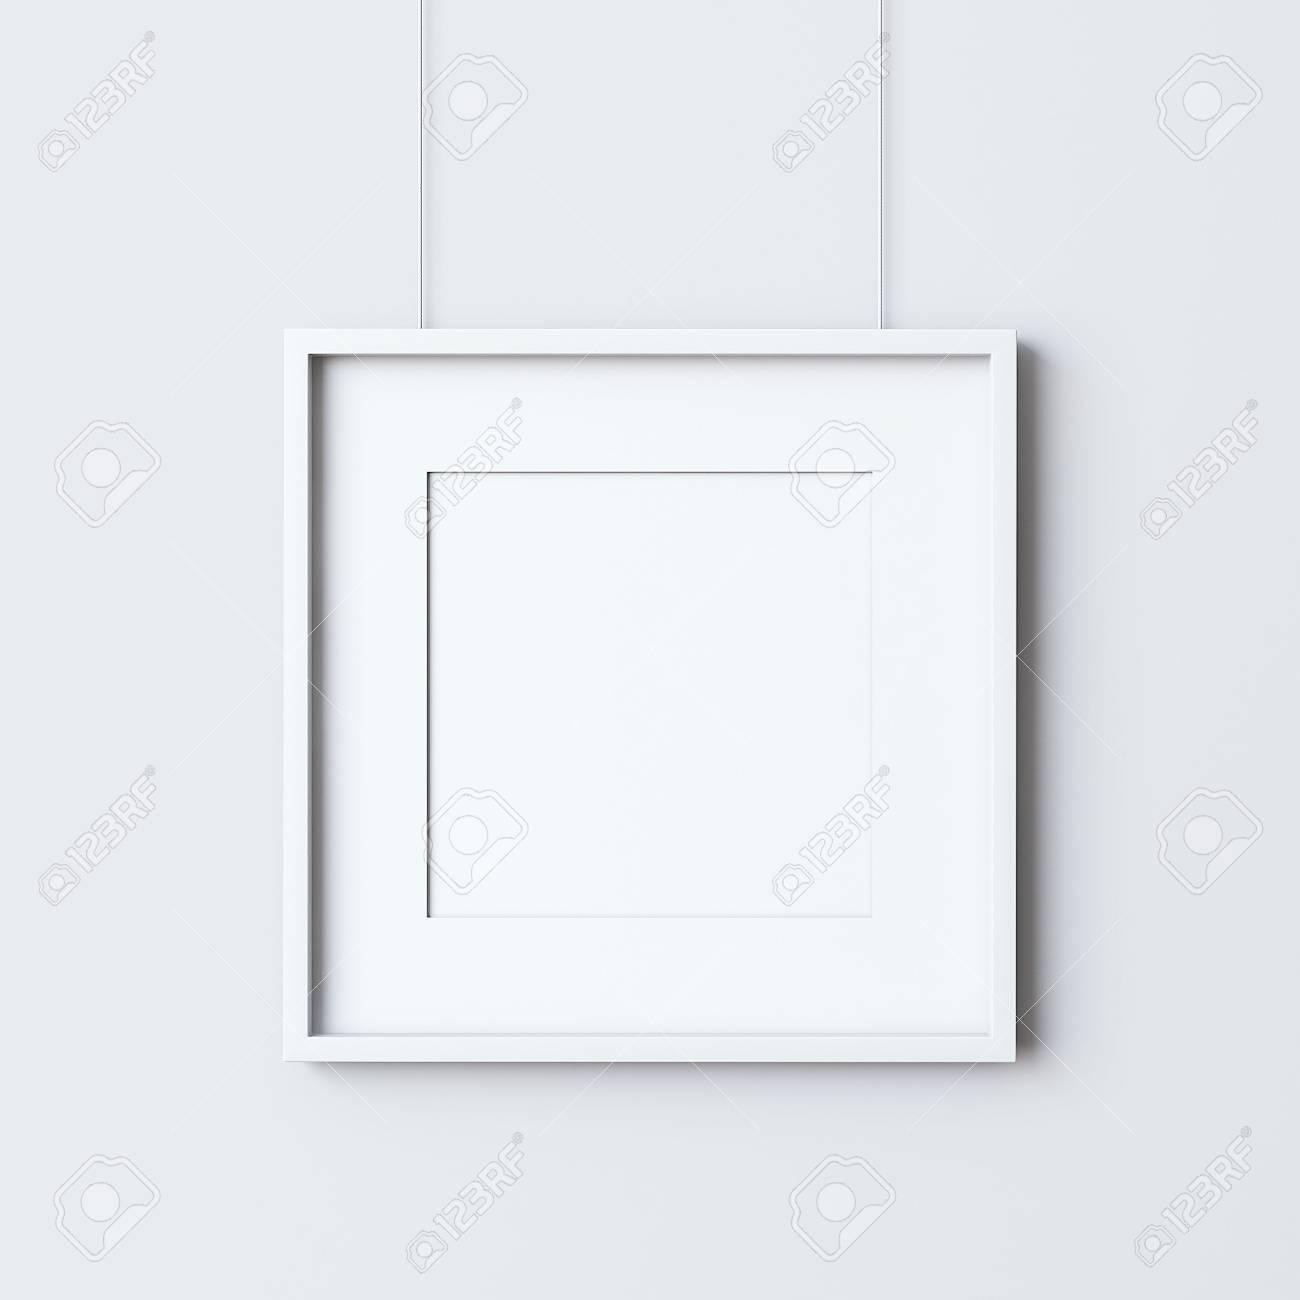 Leere Quadratischen Rahmen Auf Der Weißen Wand Hängen Lizenzfreie ...